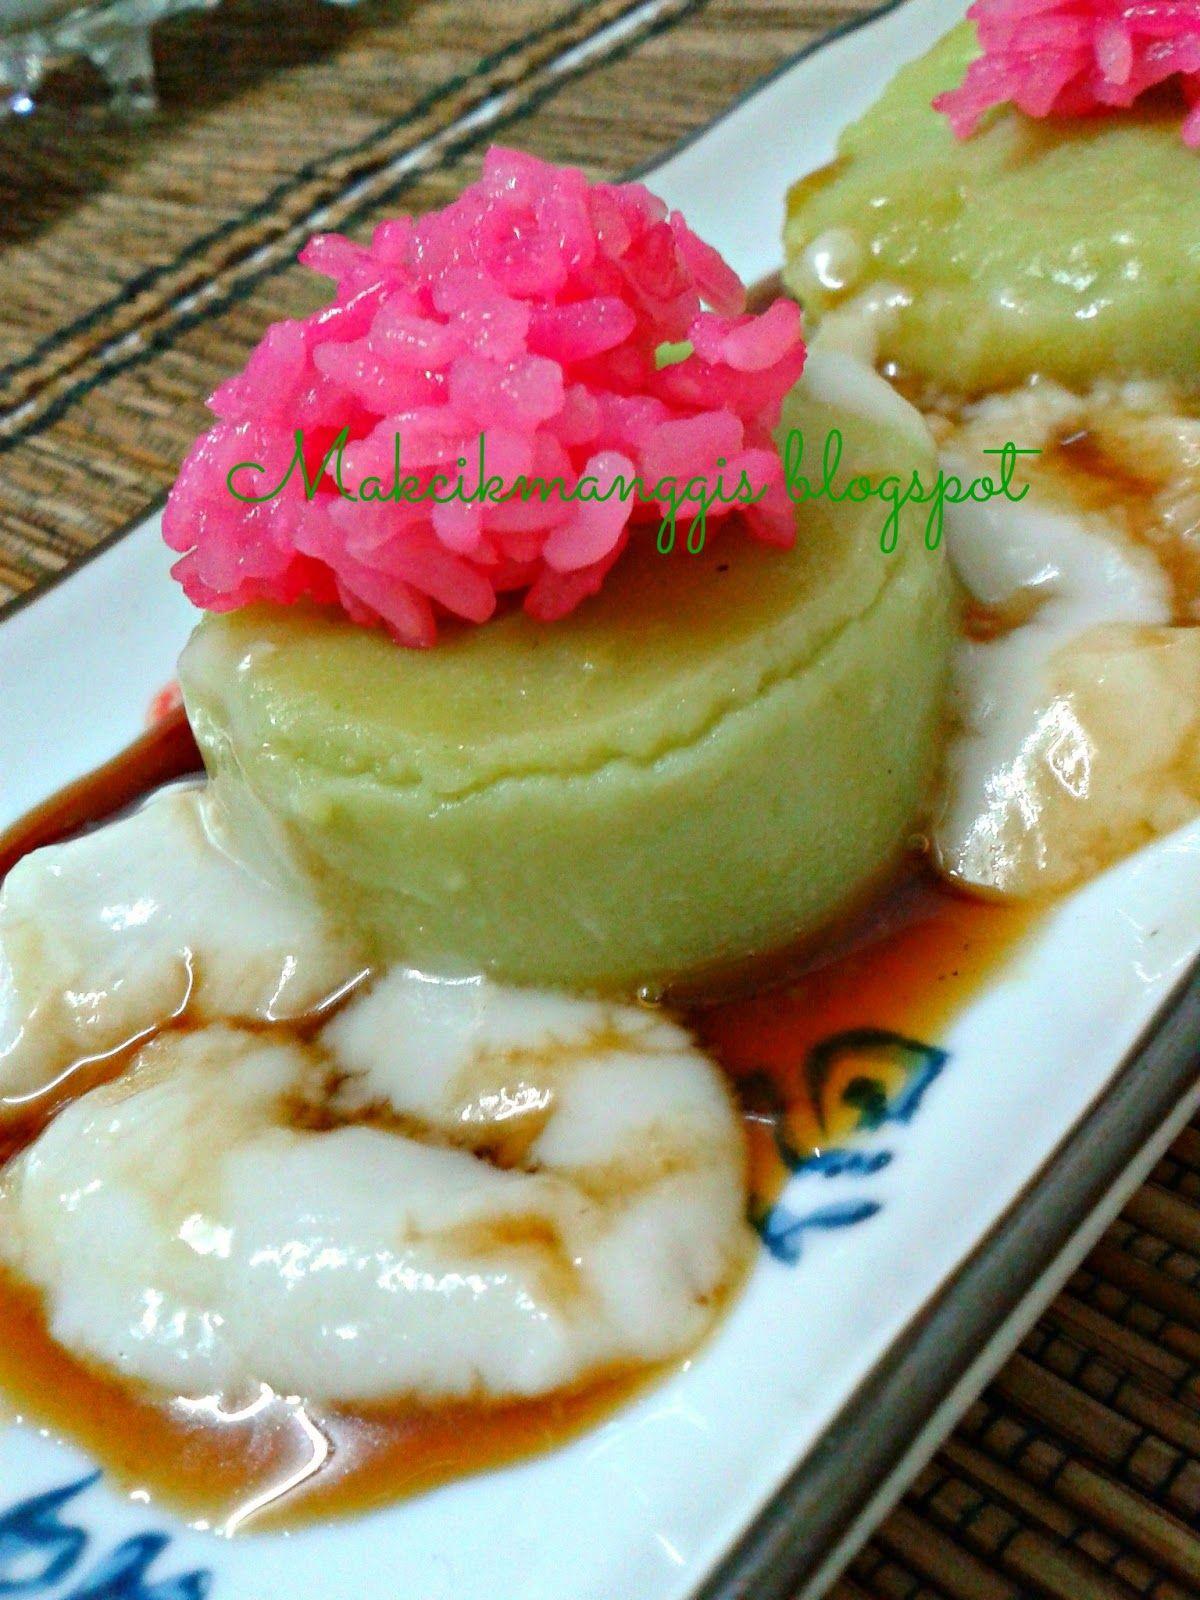 Assalamualaikum Dan Selamat Petang Lompat Si Katak Lompat Lompat Atas Talam Cepatlah Emak Cepat Cepat Masak Lompat Ti Asian Desserts Food Malaysian Food